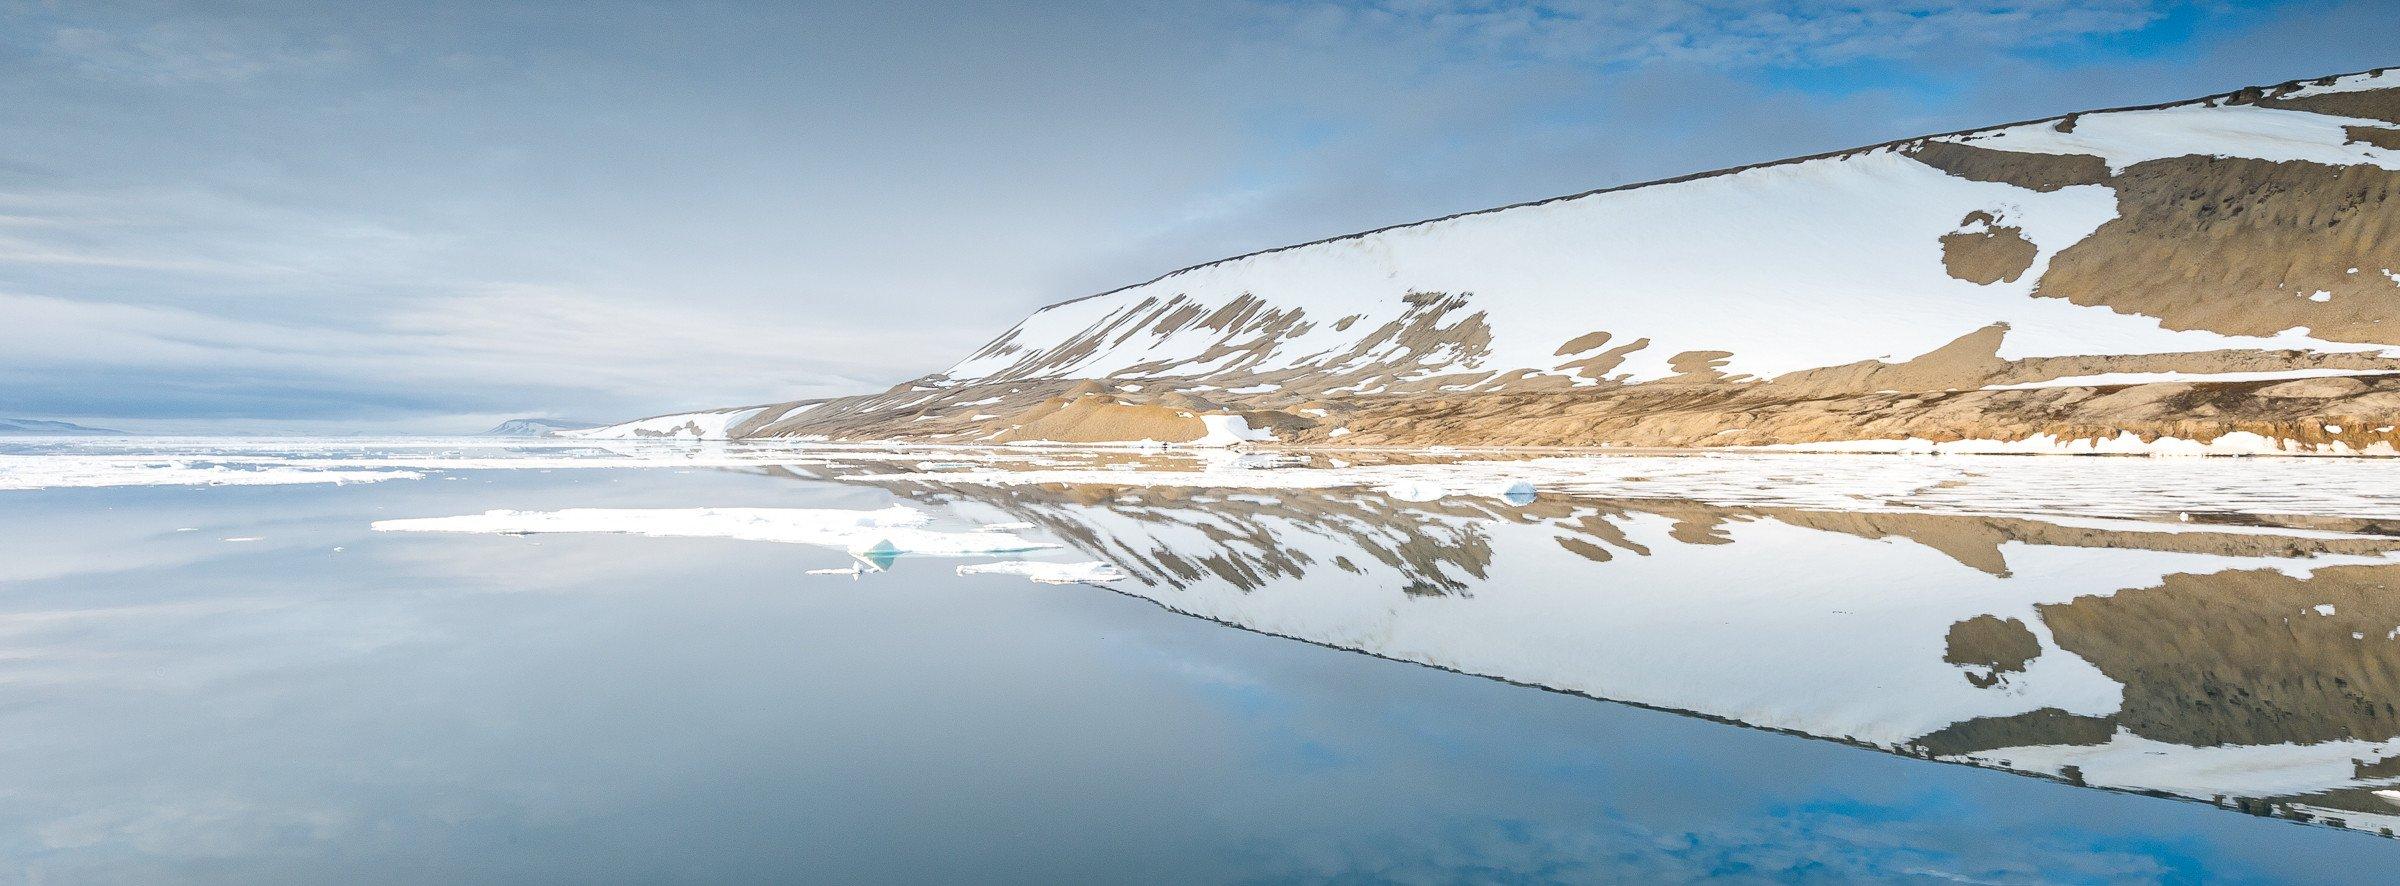 landschap arctisch 7689